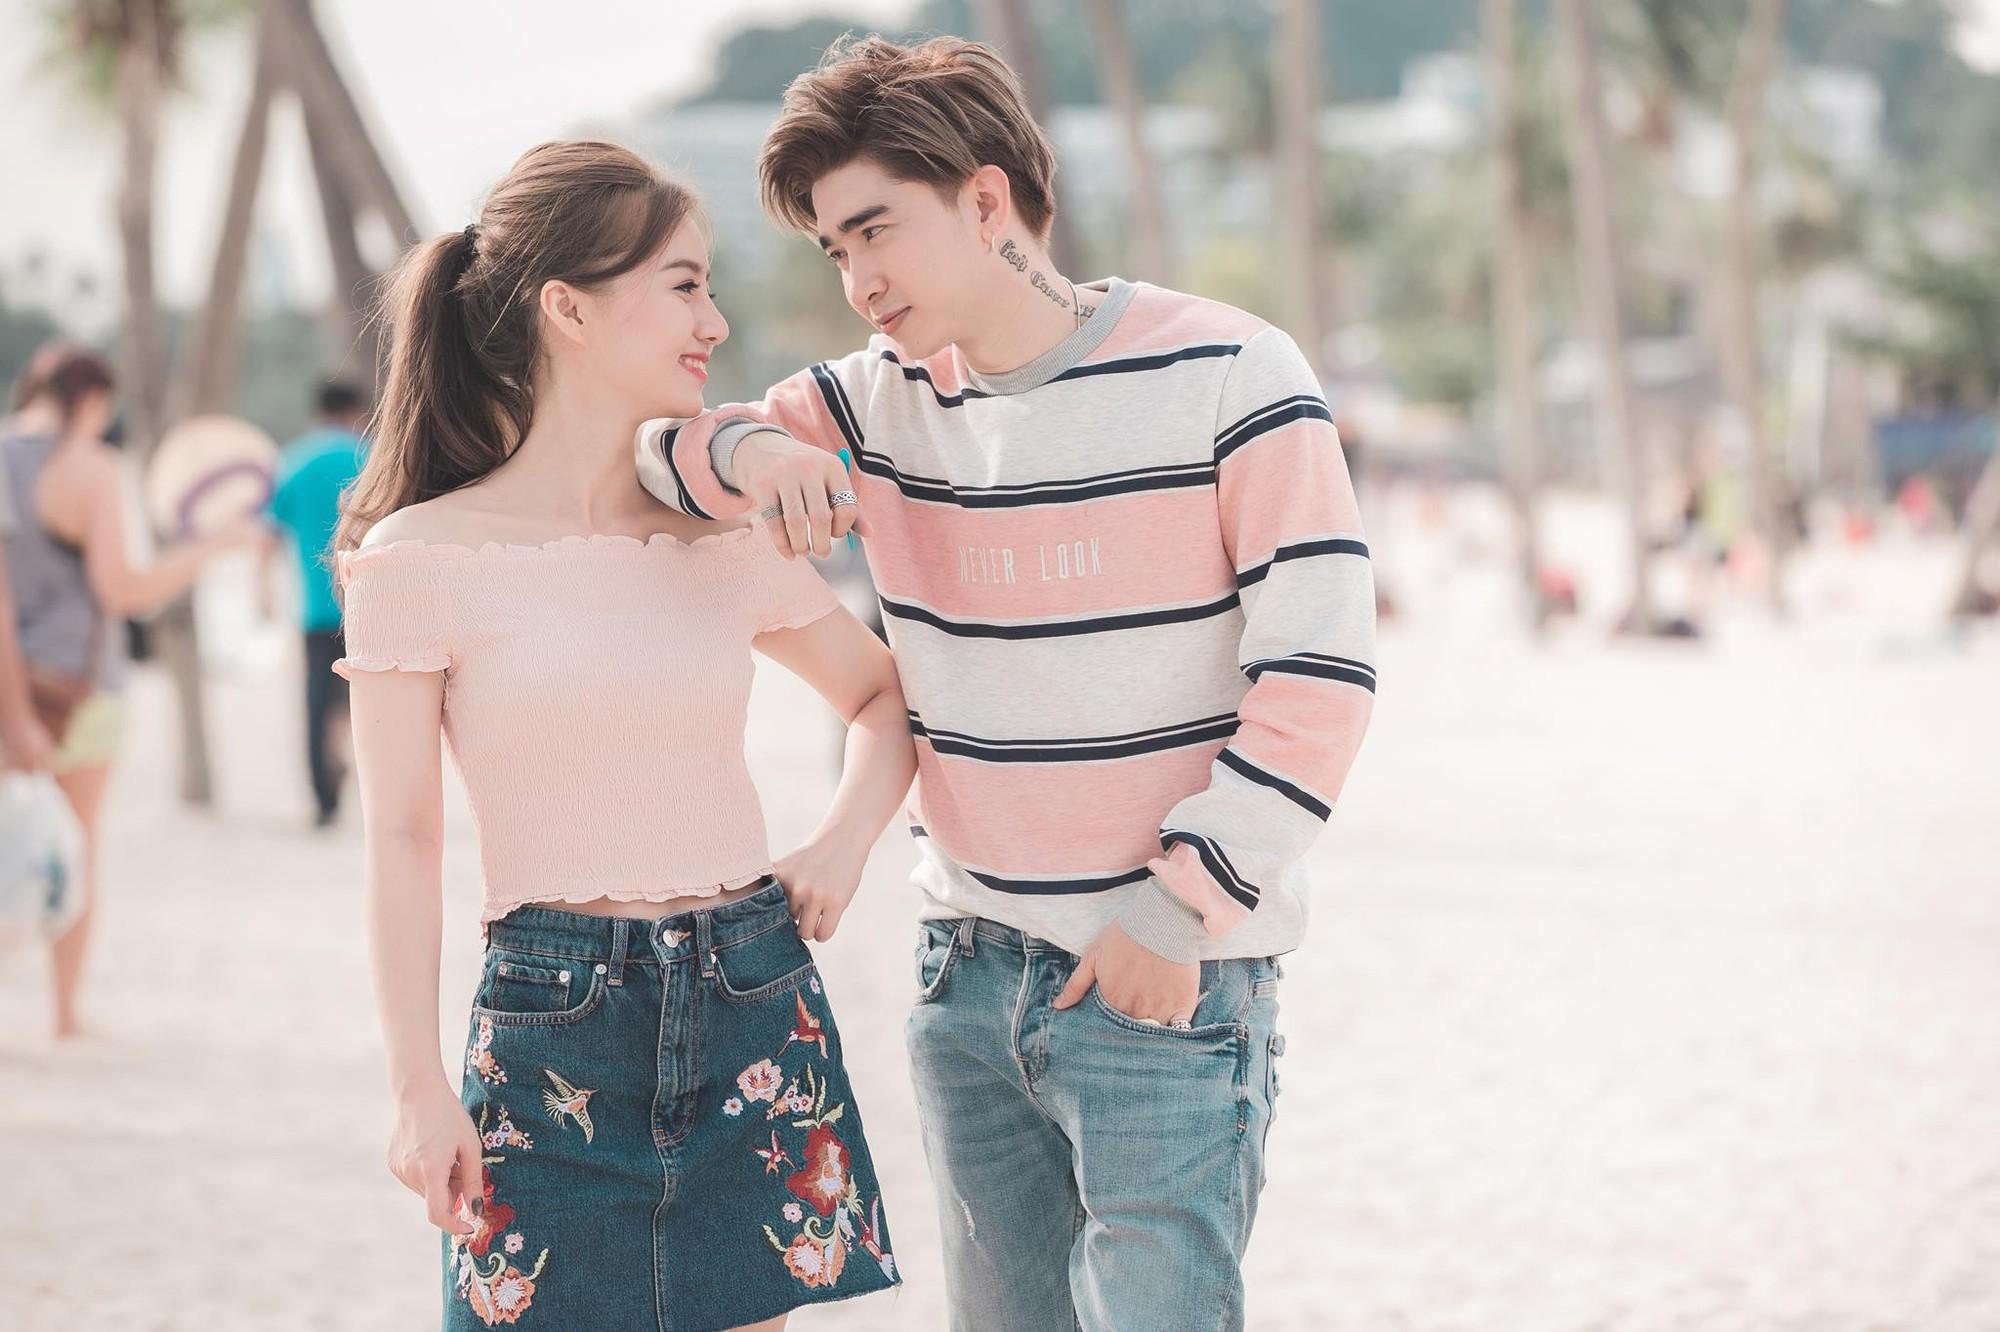 Cô gái xinh đẹp đóng MV Chi Dân từng vào vai chính trong Vợ người ta, tiết lộ thay đổi hoàn toàn từ khi thẩm mỹ, tăng cân - Ảnh 2.